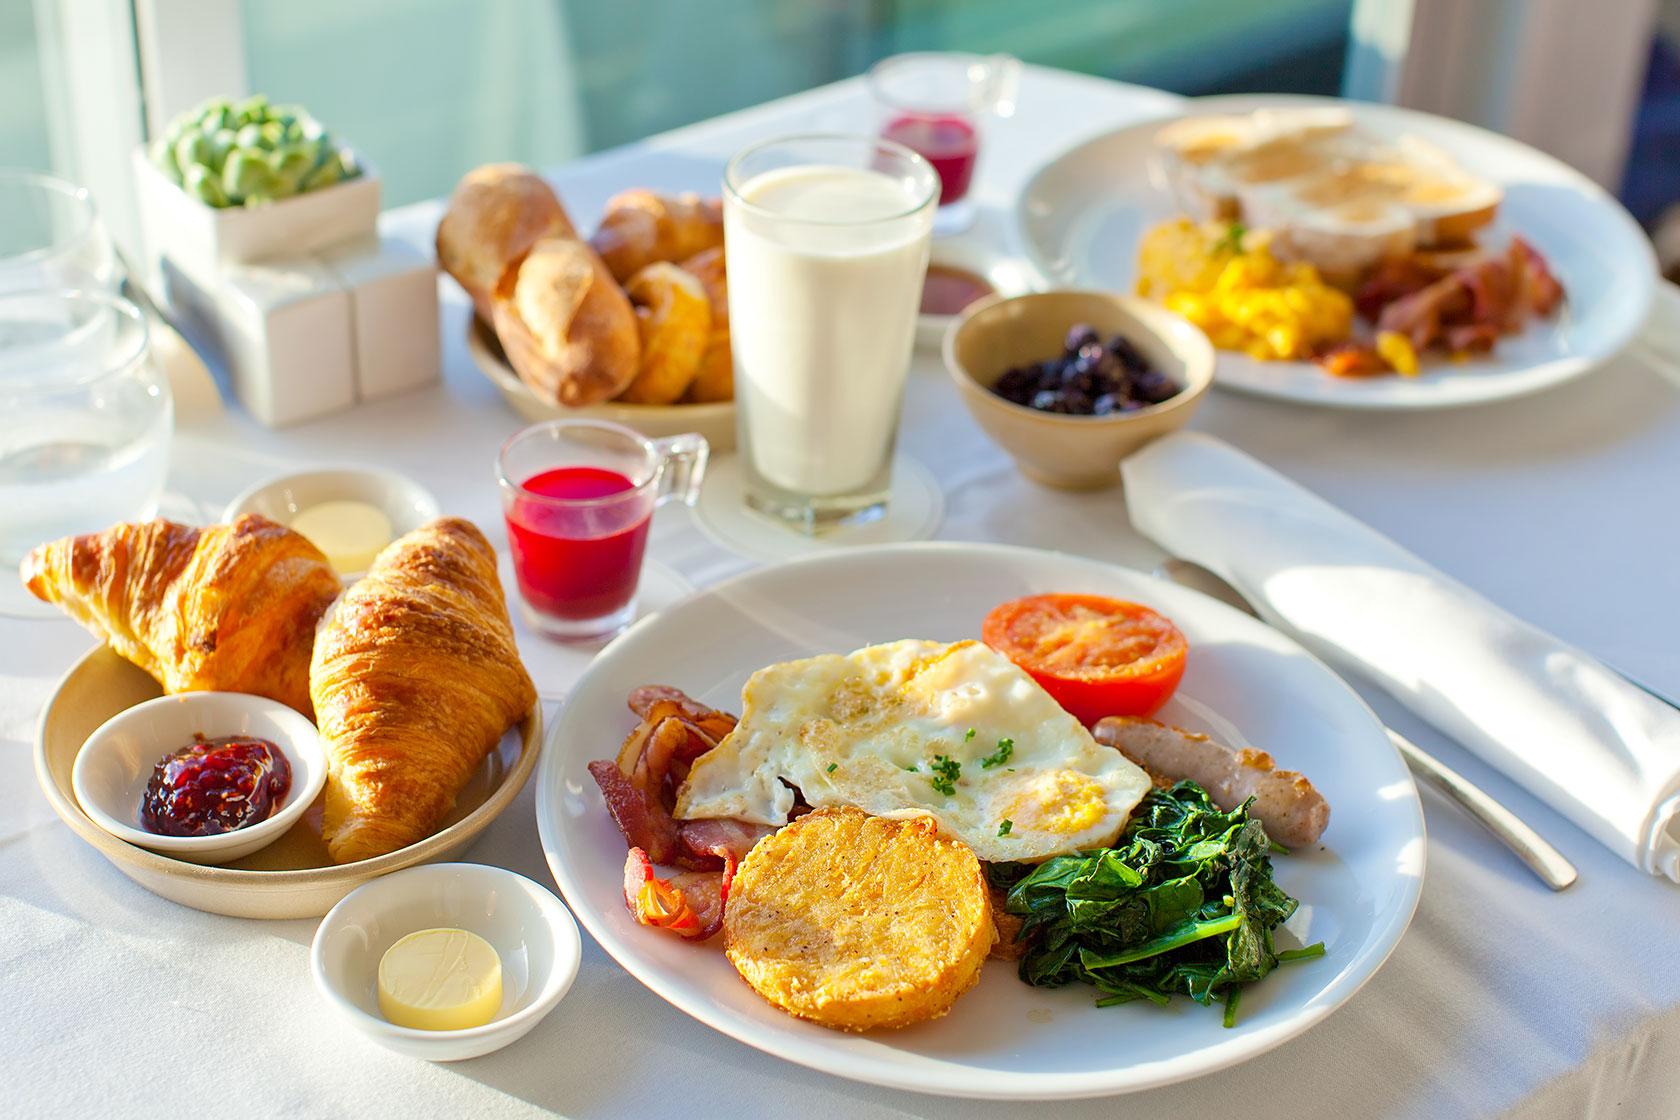 El desayuno, principal fuente de energía